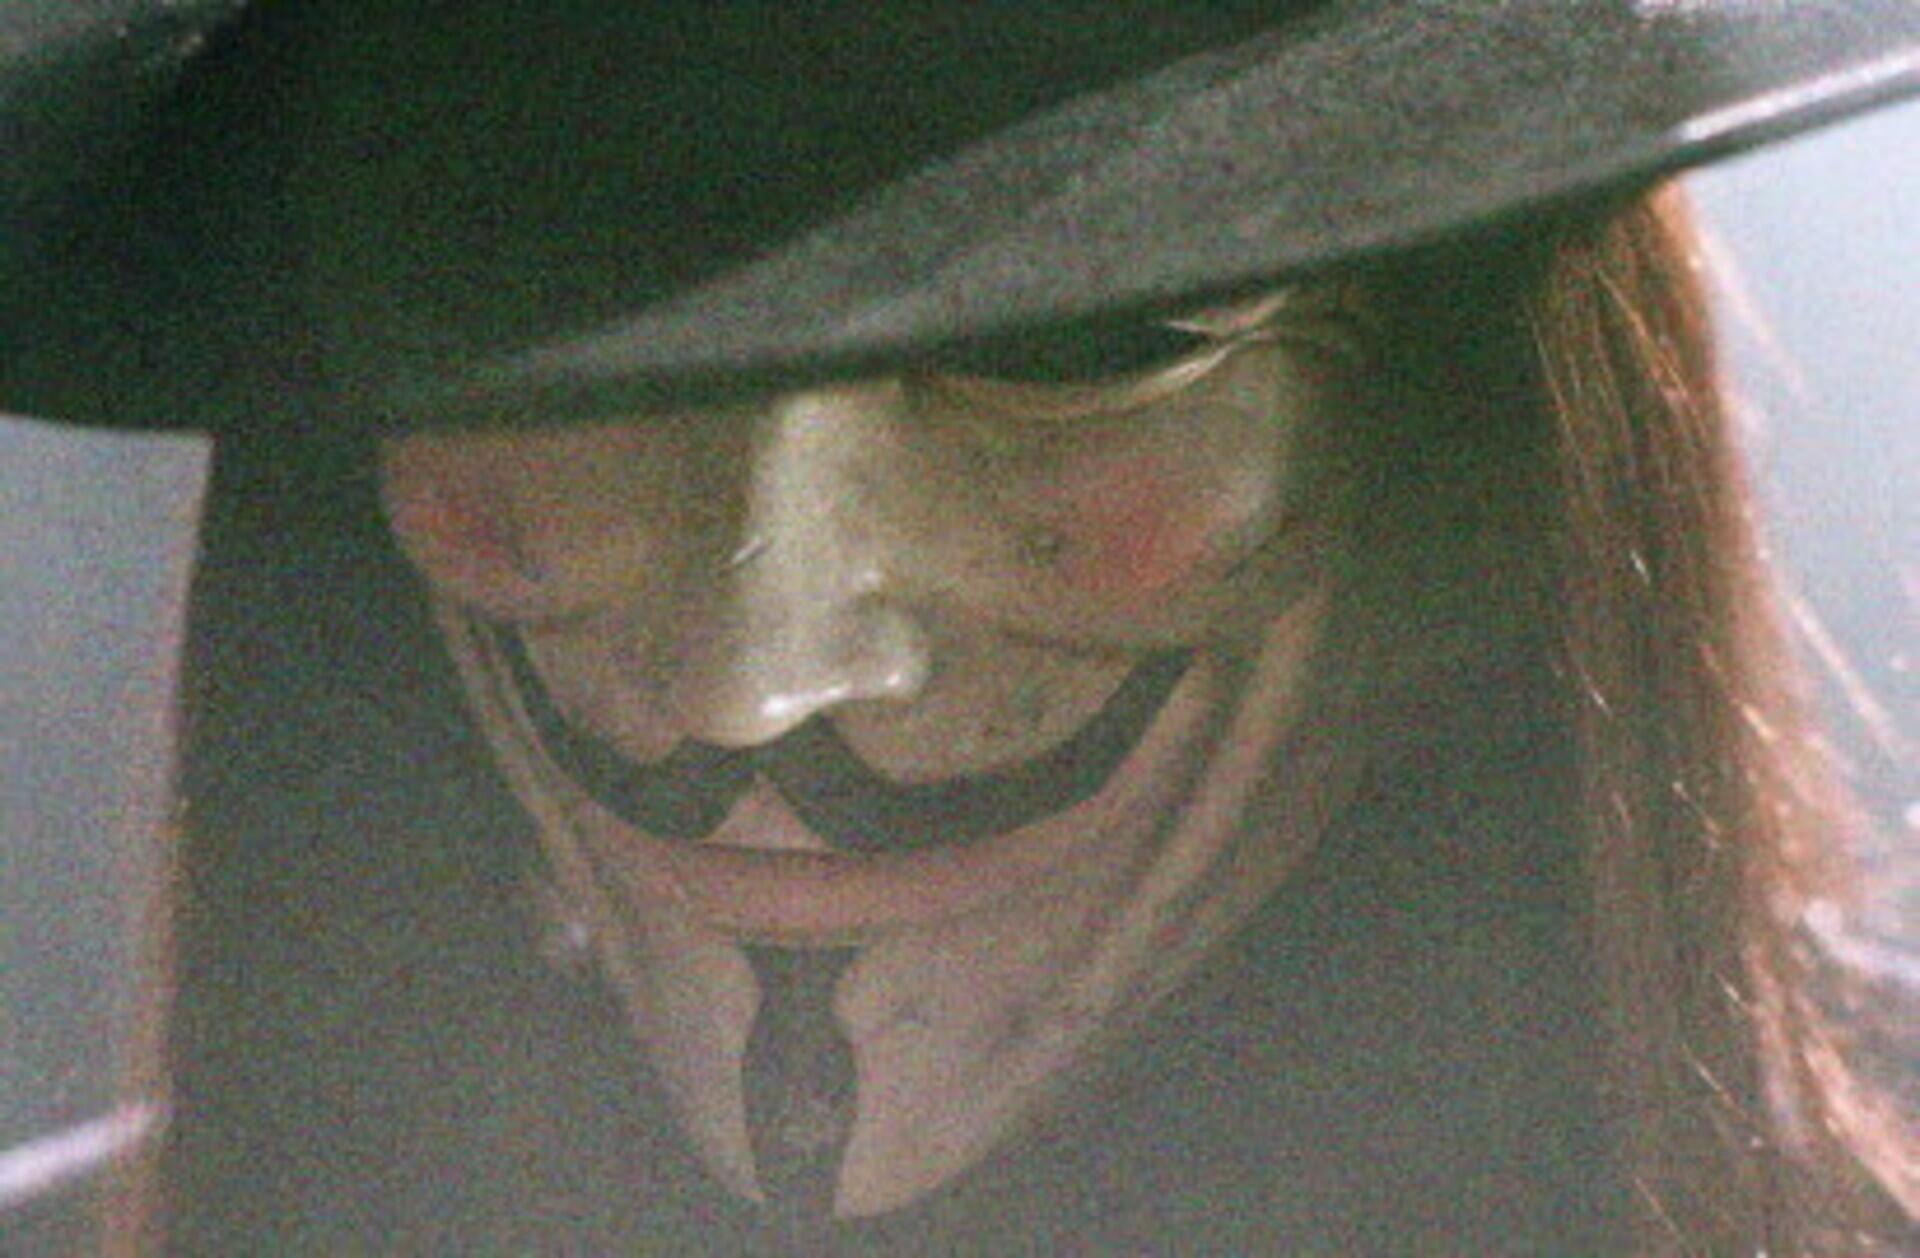 V for Vendetta - Image 5